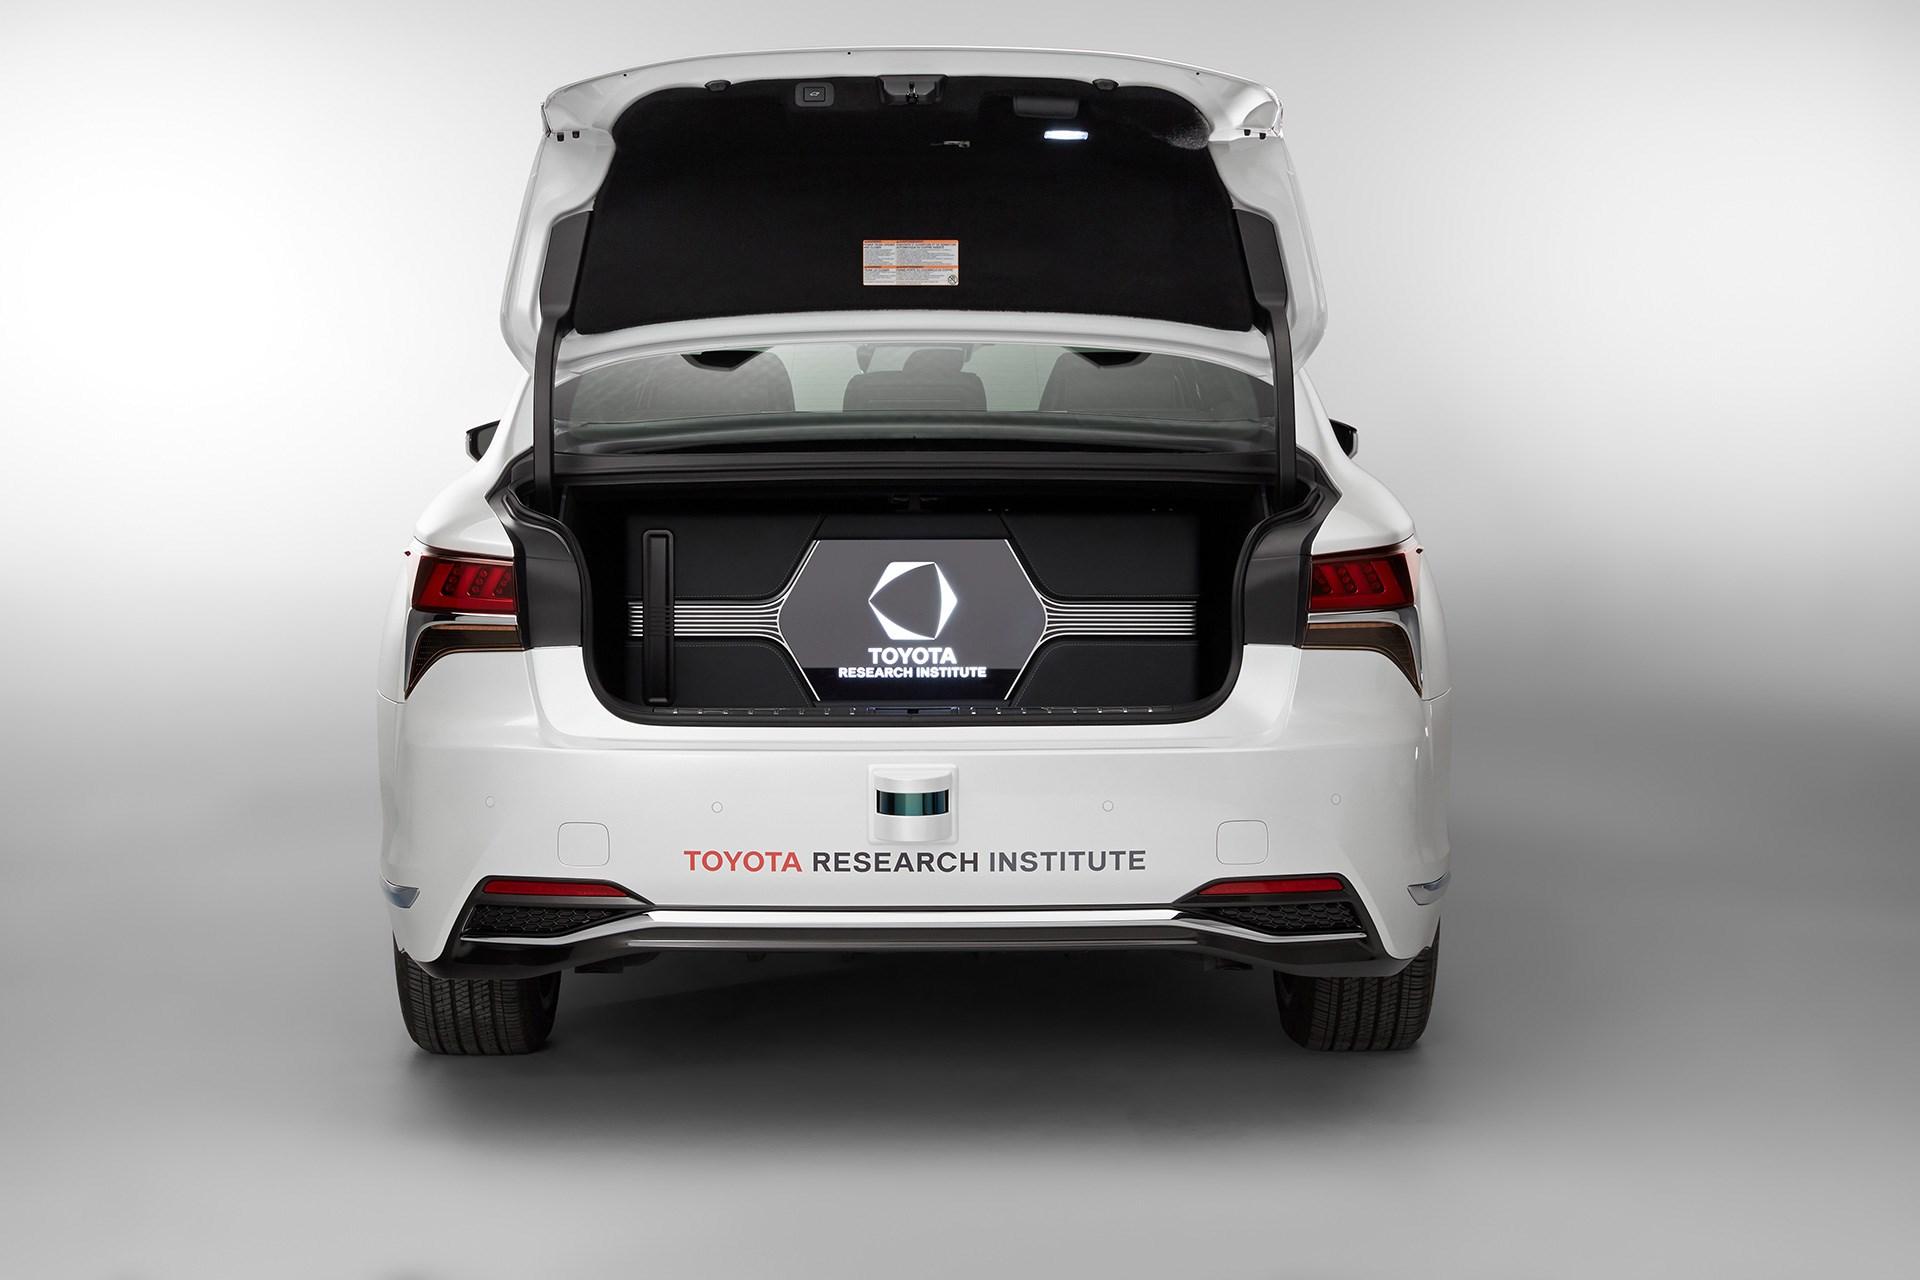 レクサス、7日にCESで最新の自動運転実験車両を公開